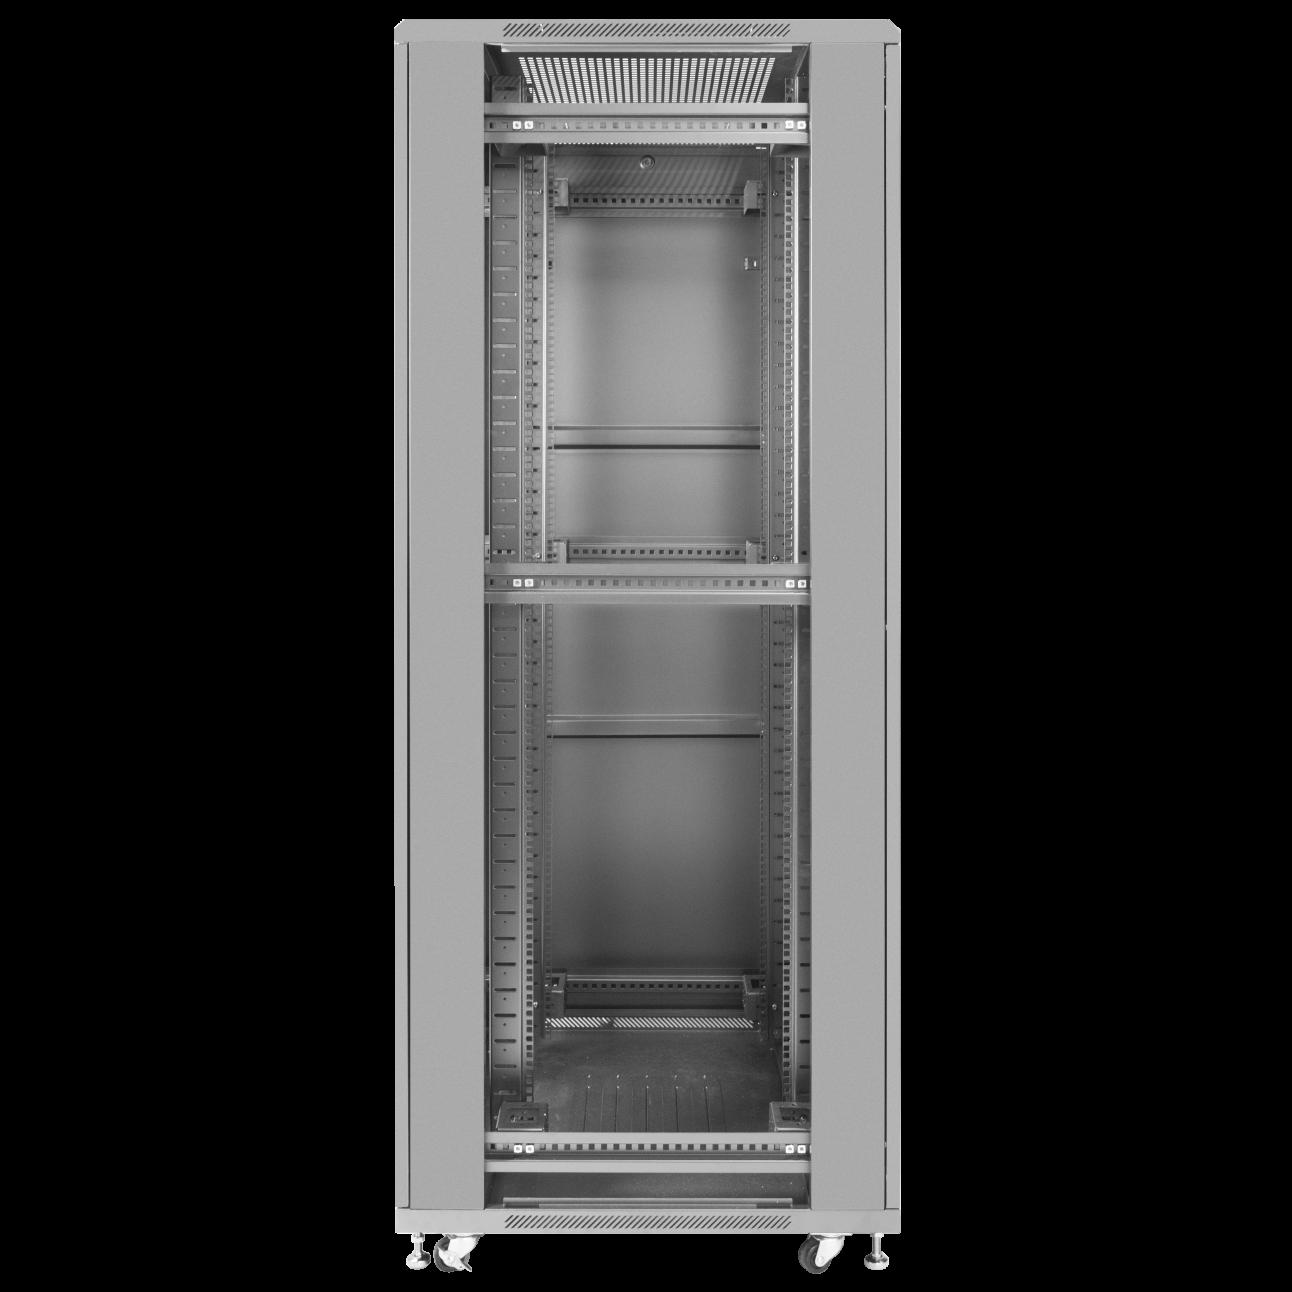 Шкаф телекоммуникационный напольный 37U 800x1000мм, серия TFC (SNR-TFC-378010-CPDP-B)